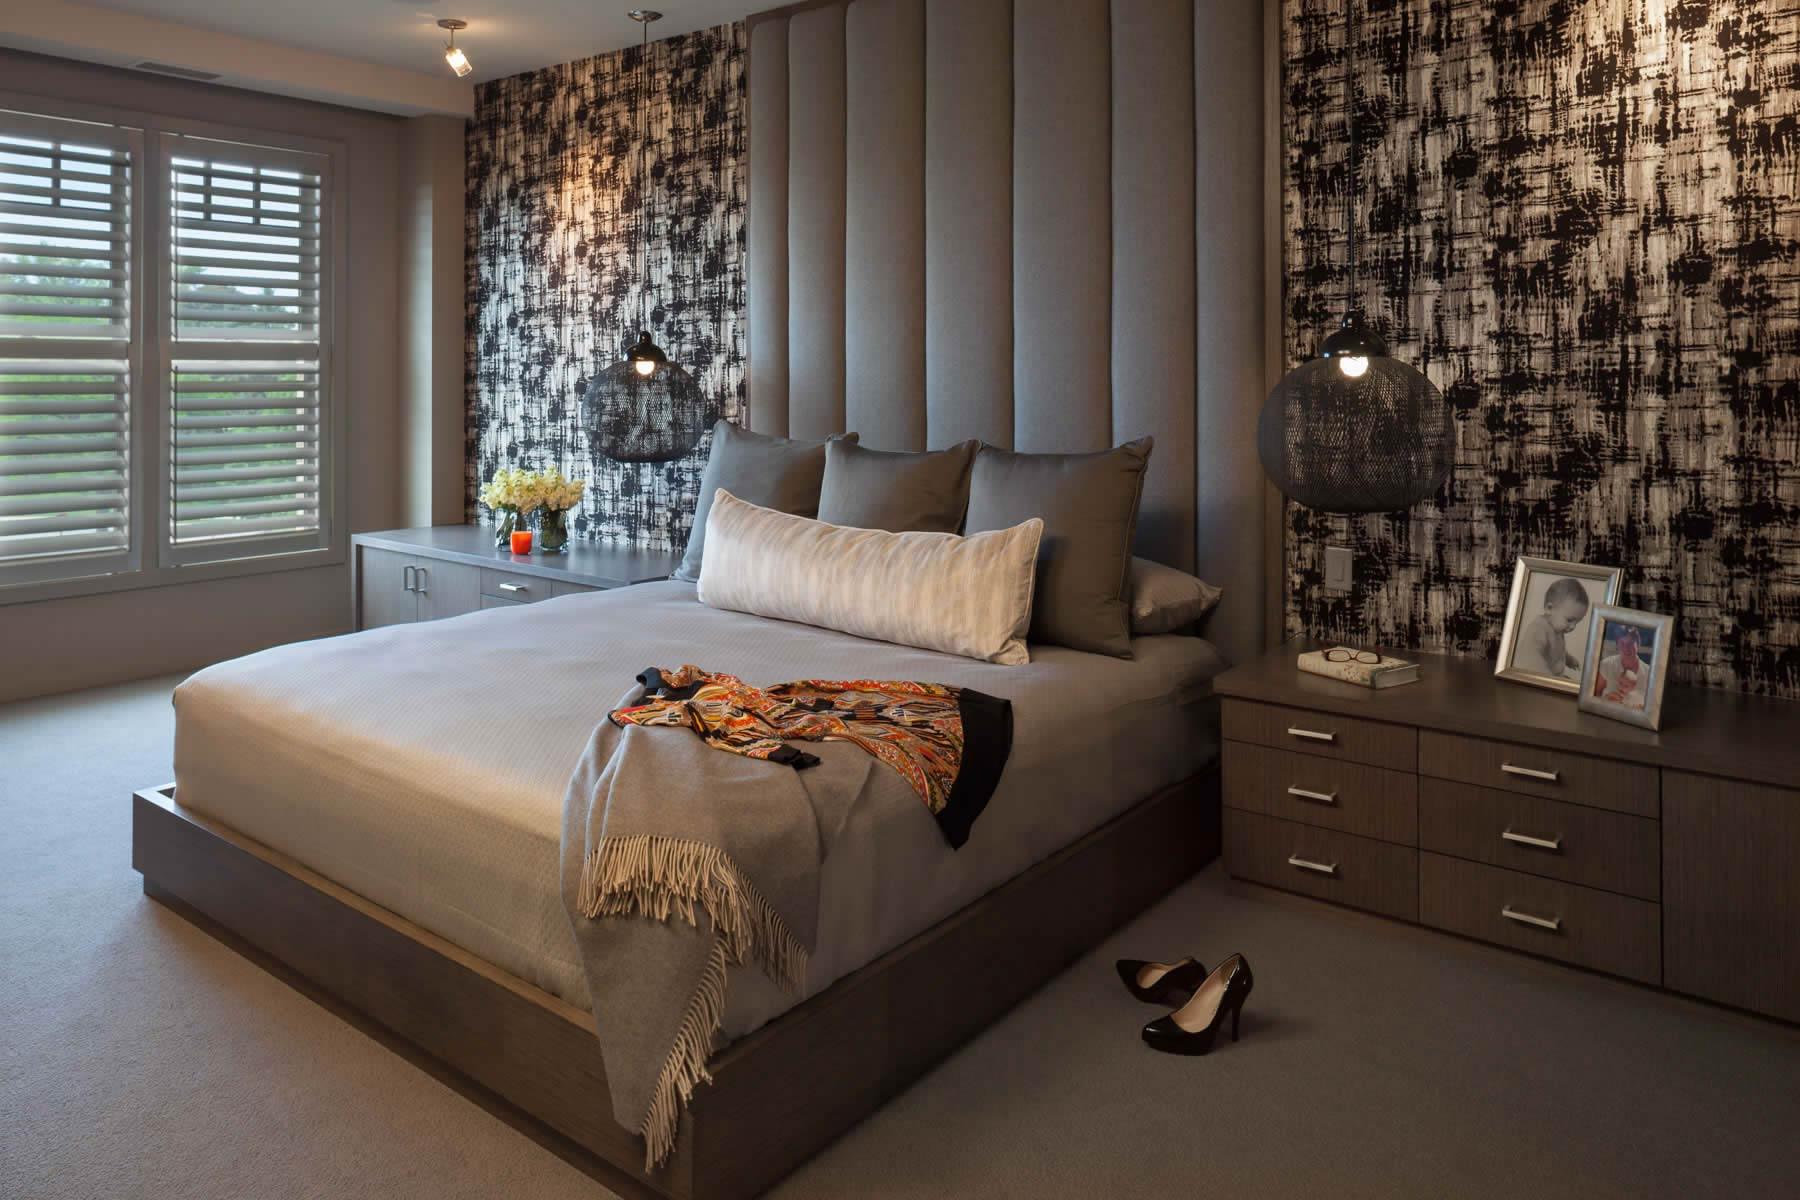 Exclusive-Luxury-Condominium-Master-Bedroom-Minneapolis-interior-designer-55405.jpg